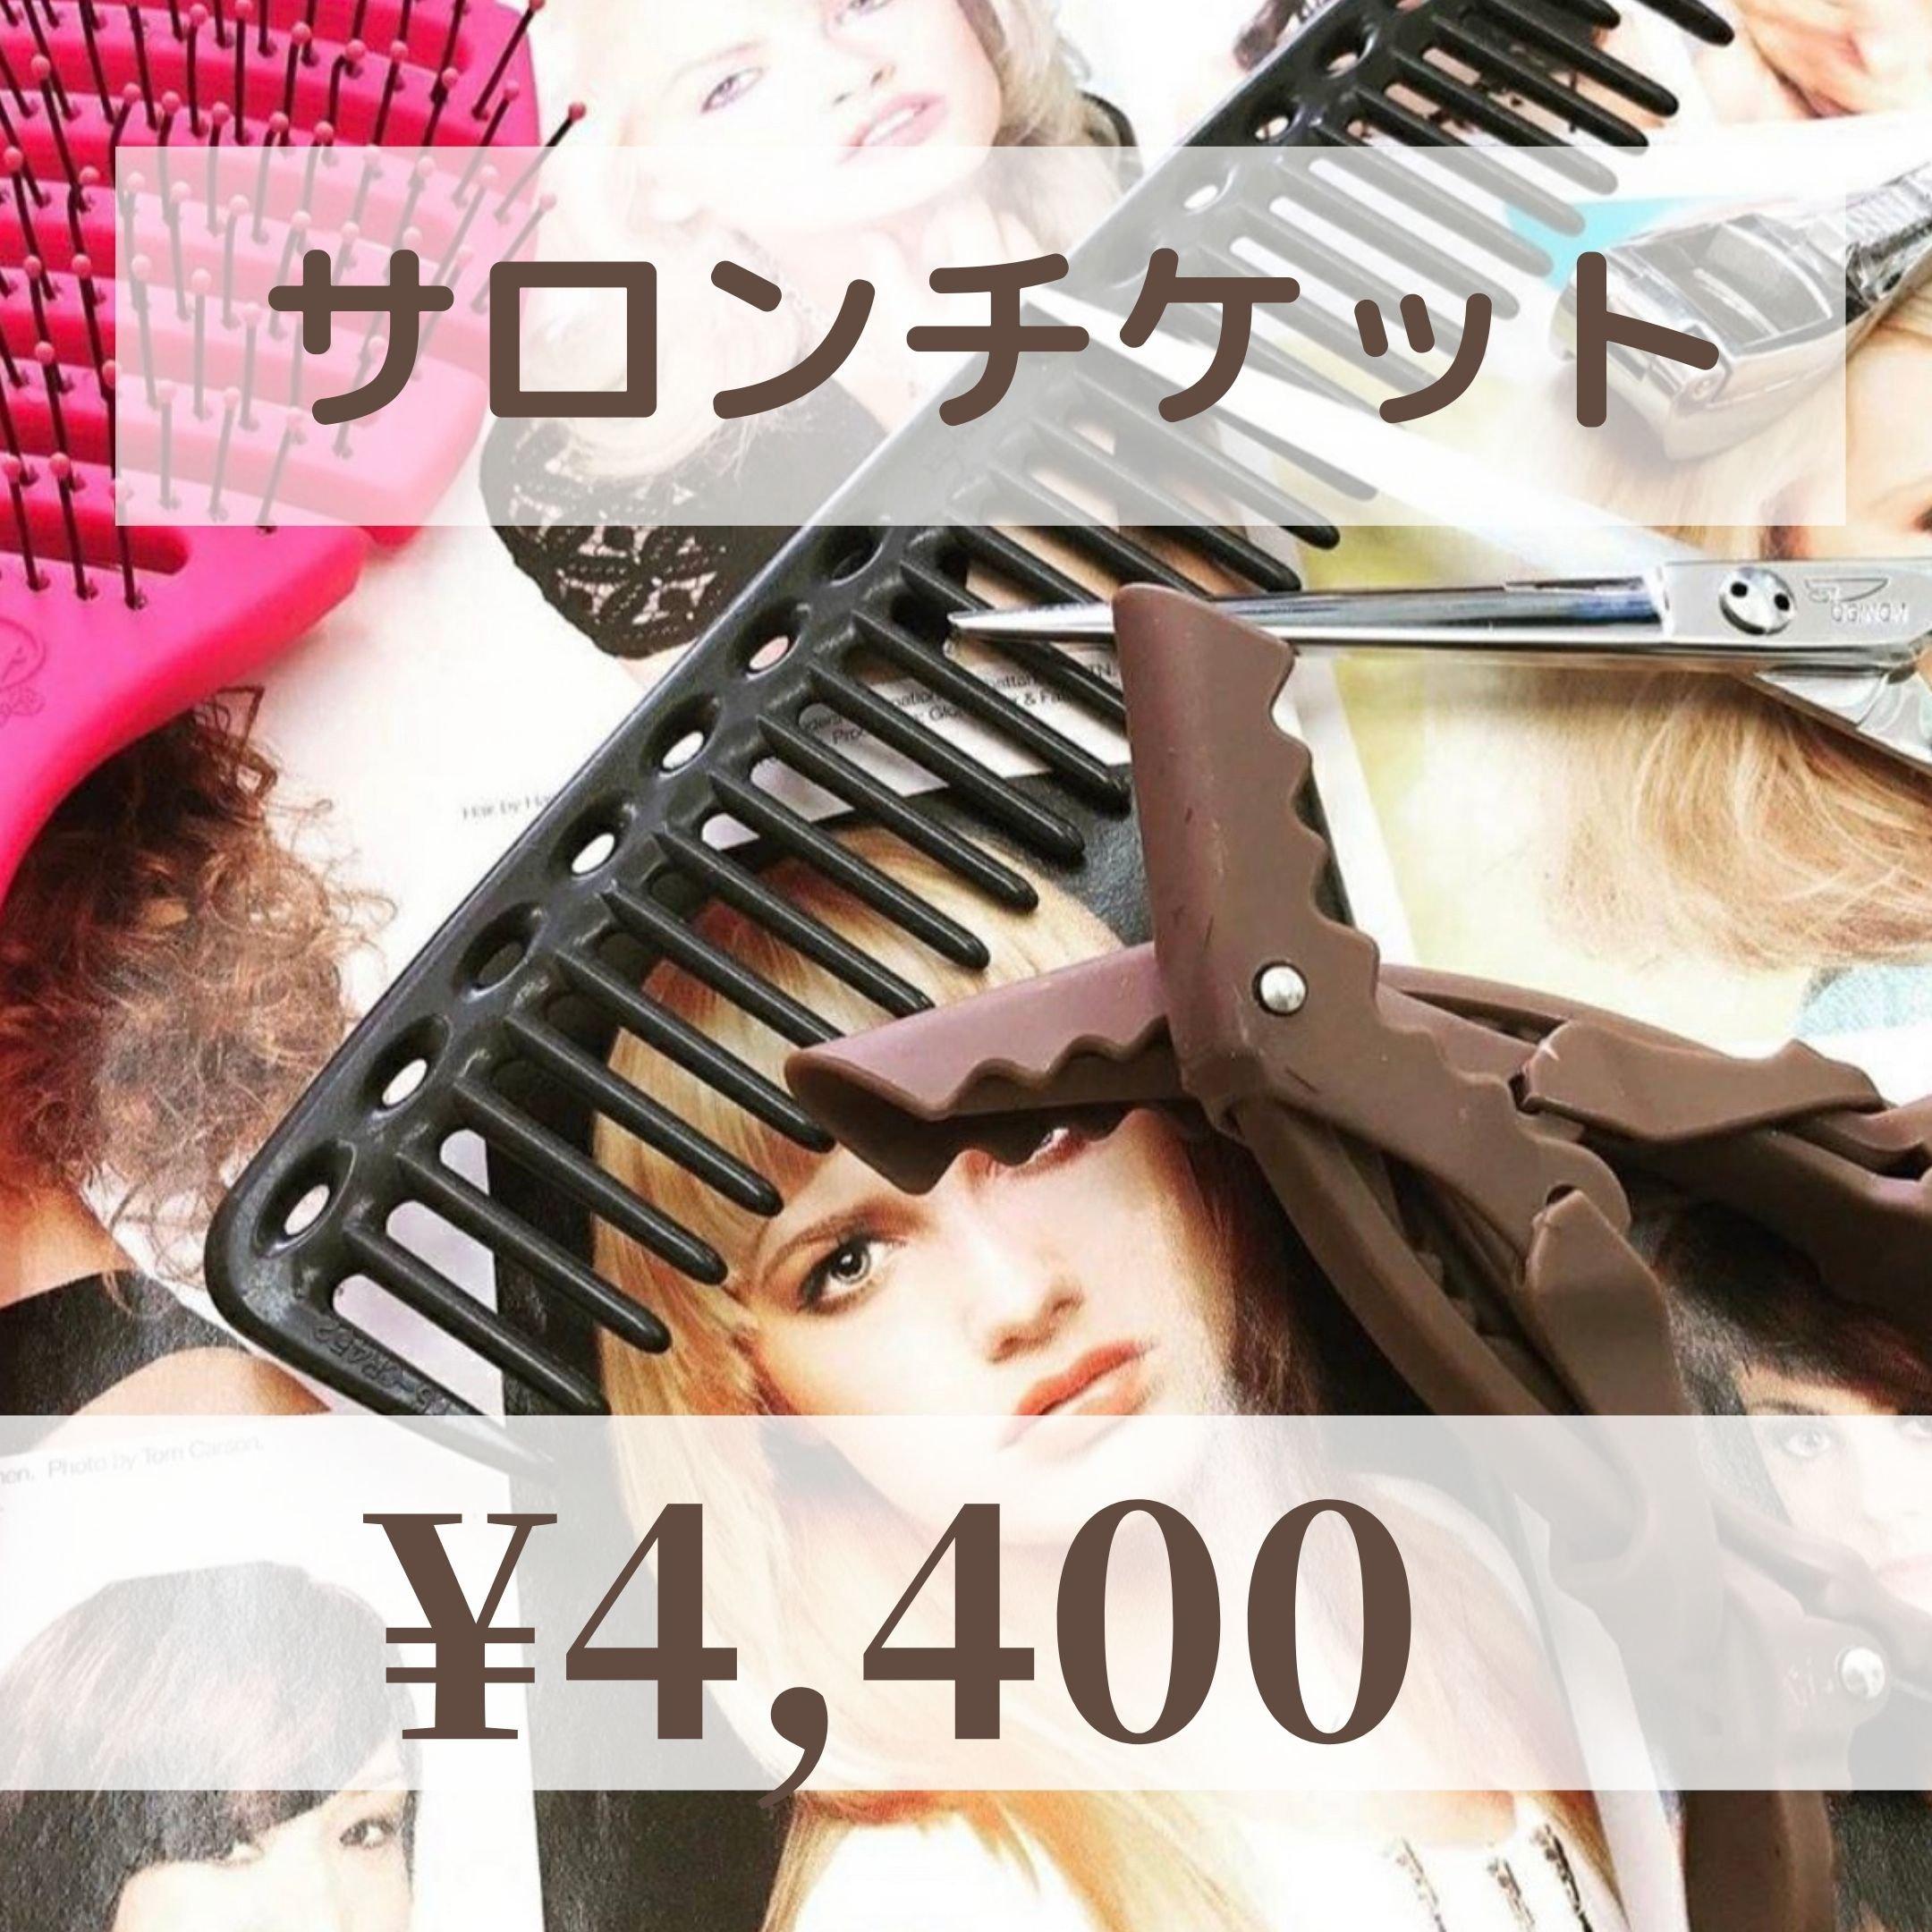 【現地払い専】サロンチケット¥4,400のイメージその1